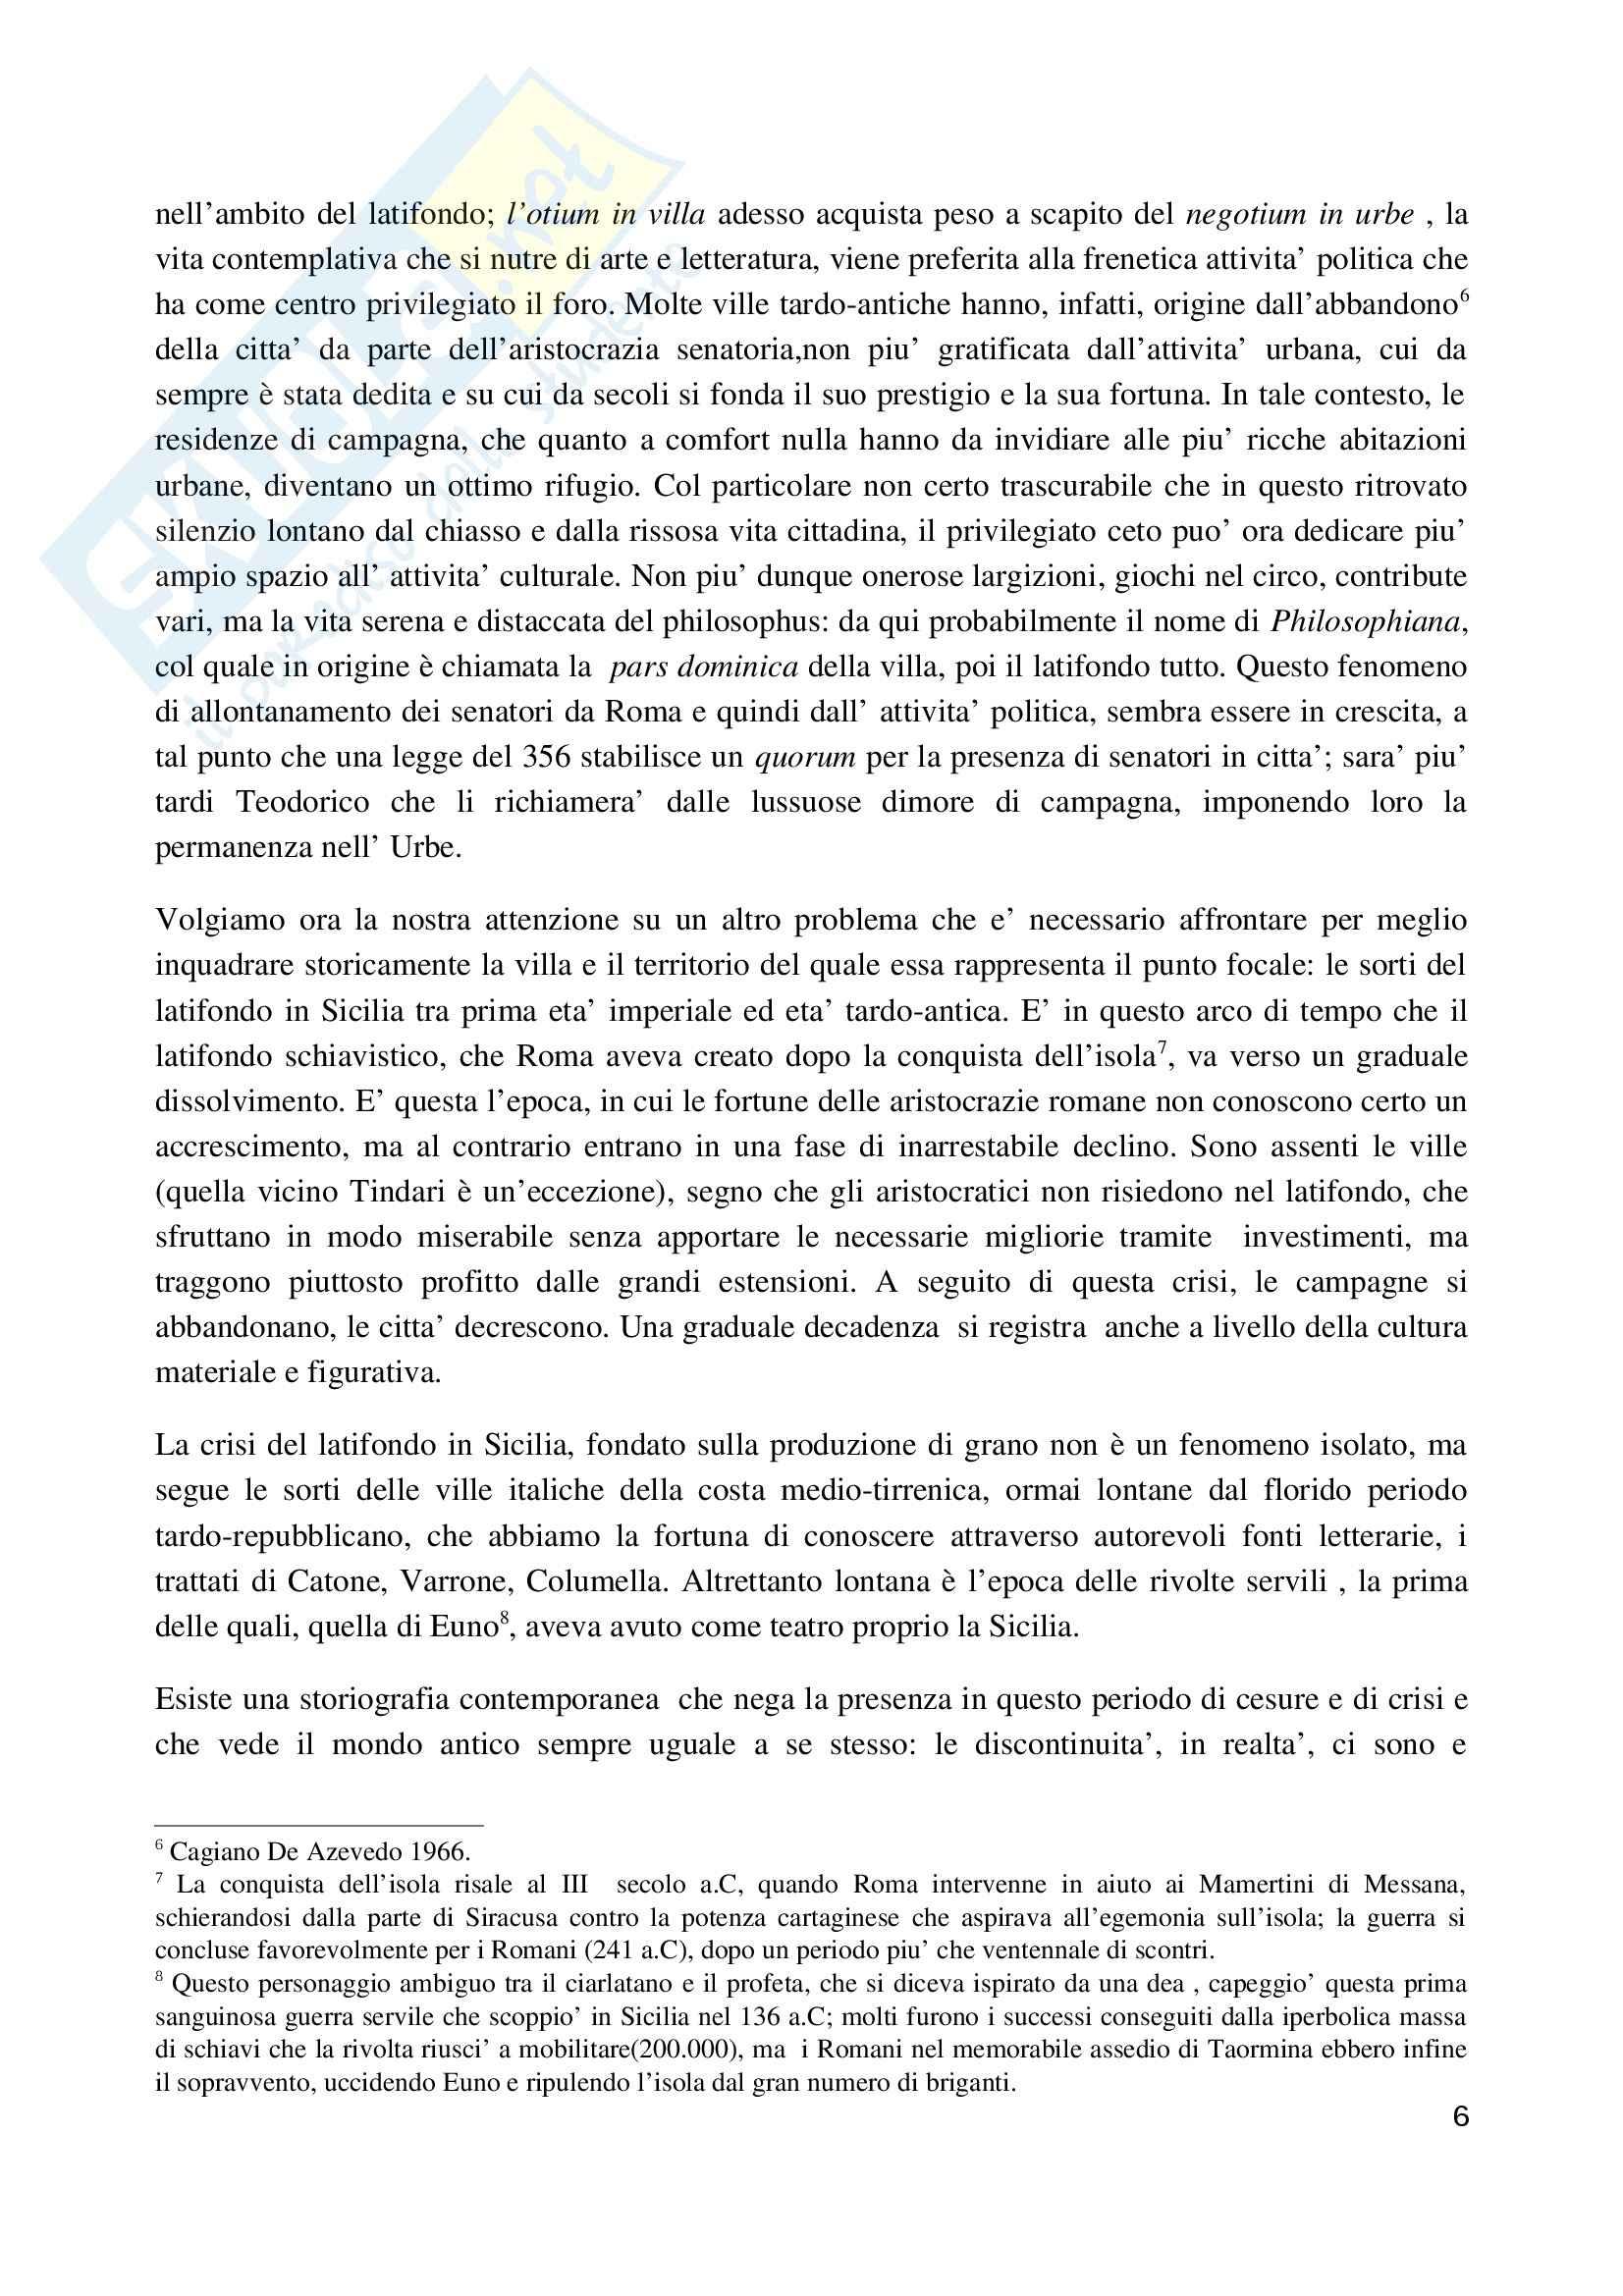 La villa romana di Piazza Armerina 2010, Archeologia e storia dell'arte Pag. 6